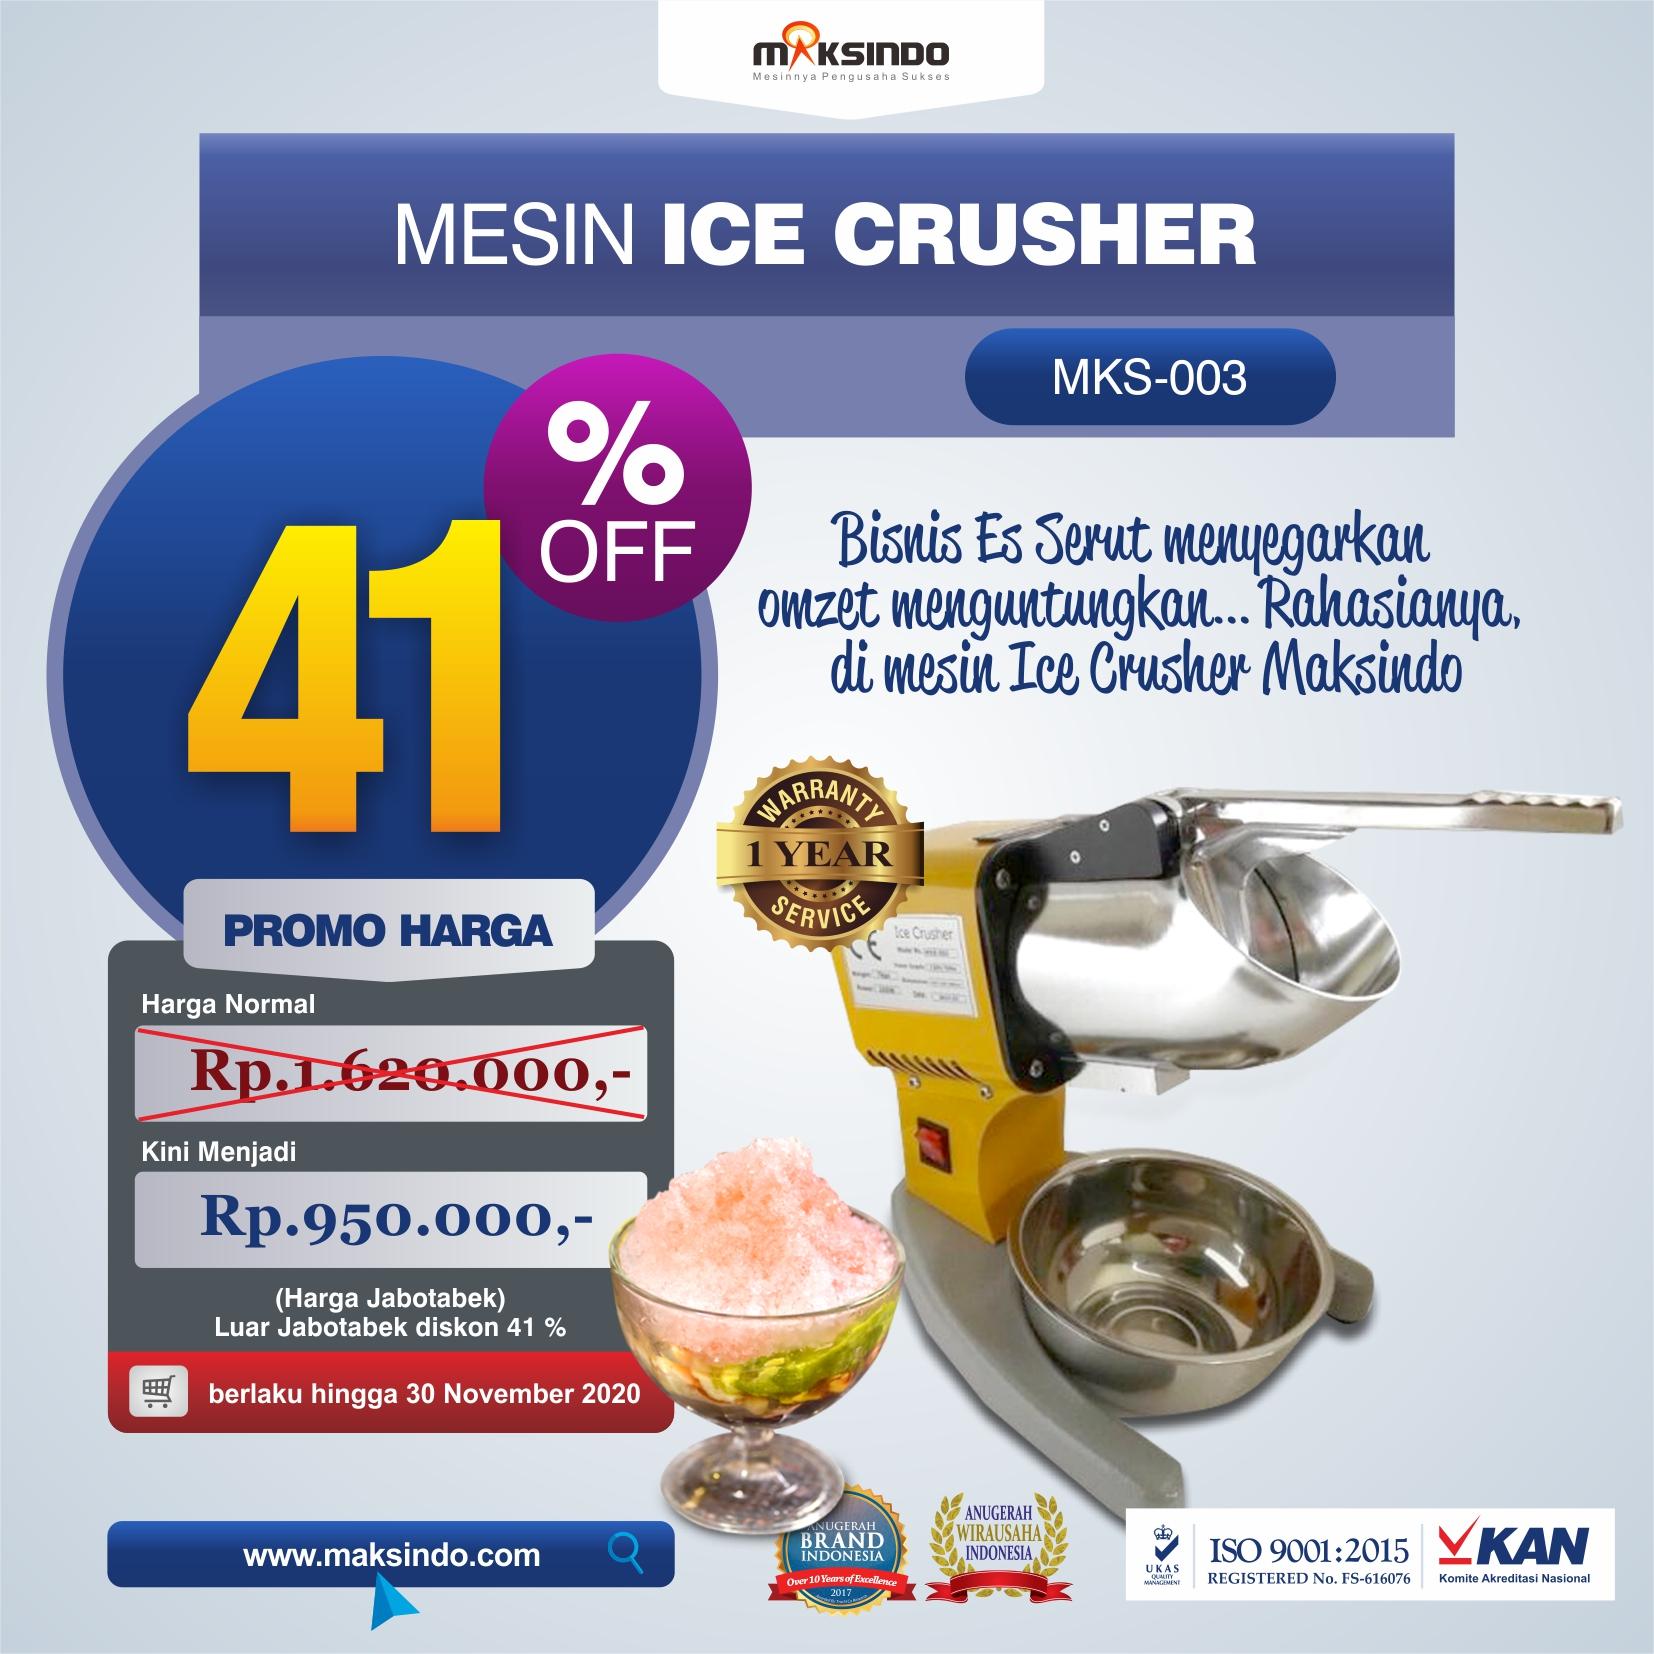 Jual Mesin Es Serut (Ice Crusher MKS-003) di Tangerang